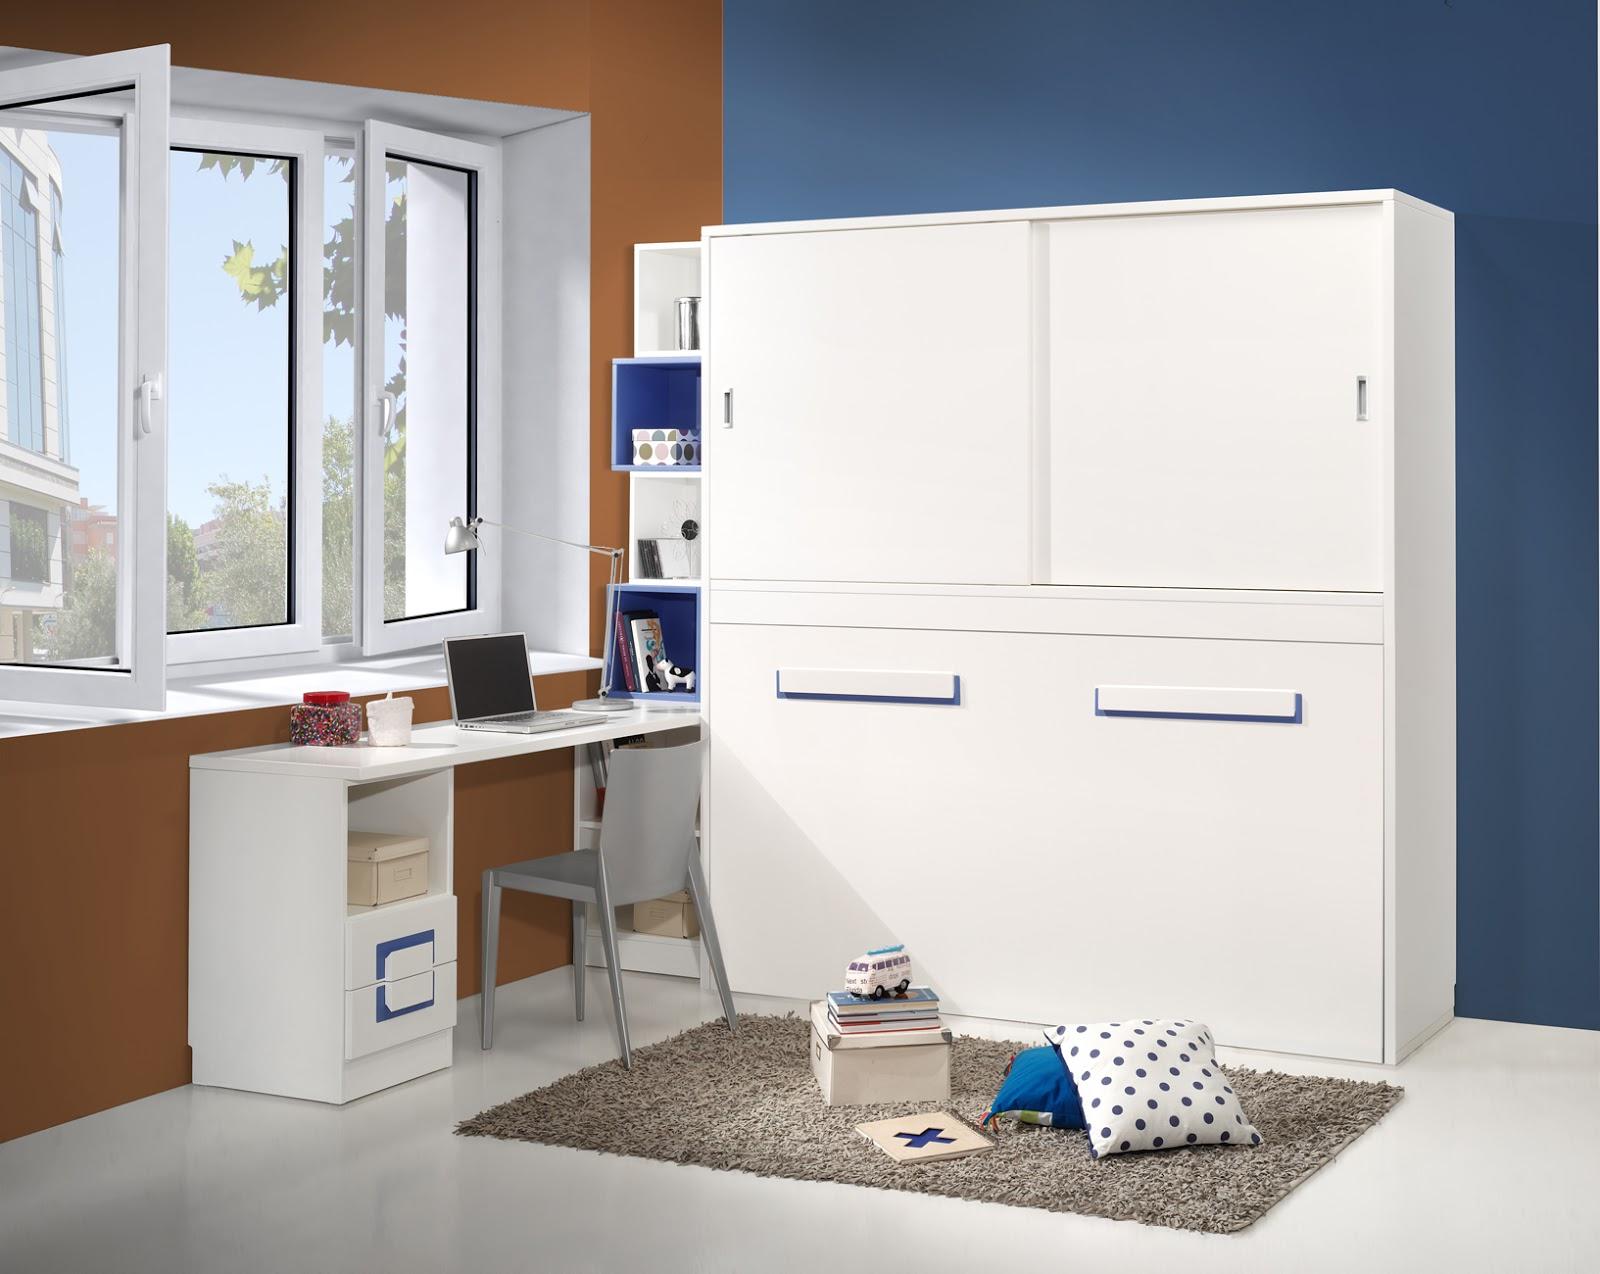 Dormitorios con camas abatibles literas abatibles - Camas muebles abatibles ...